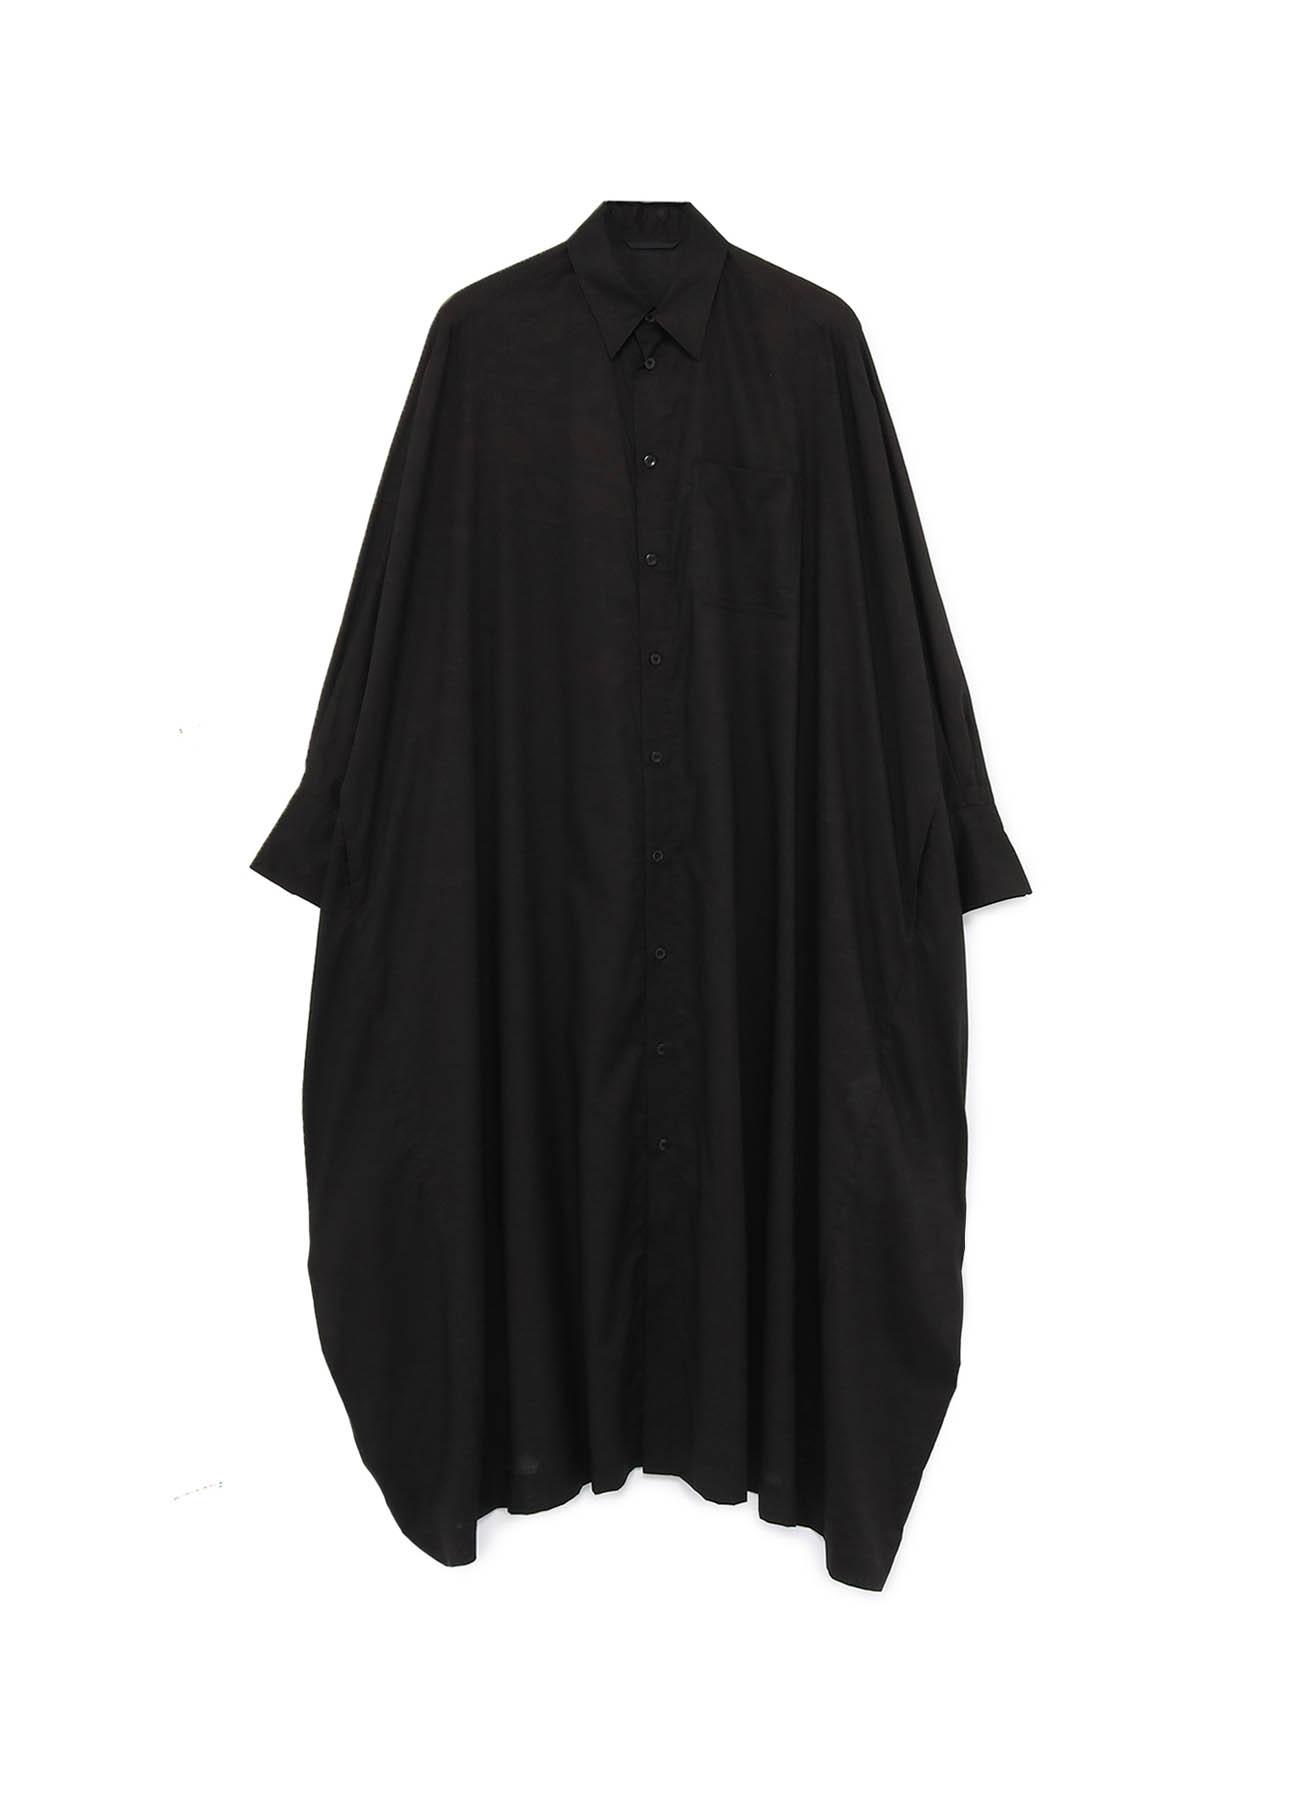 LAWN BIG SHIRT DRESS